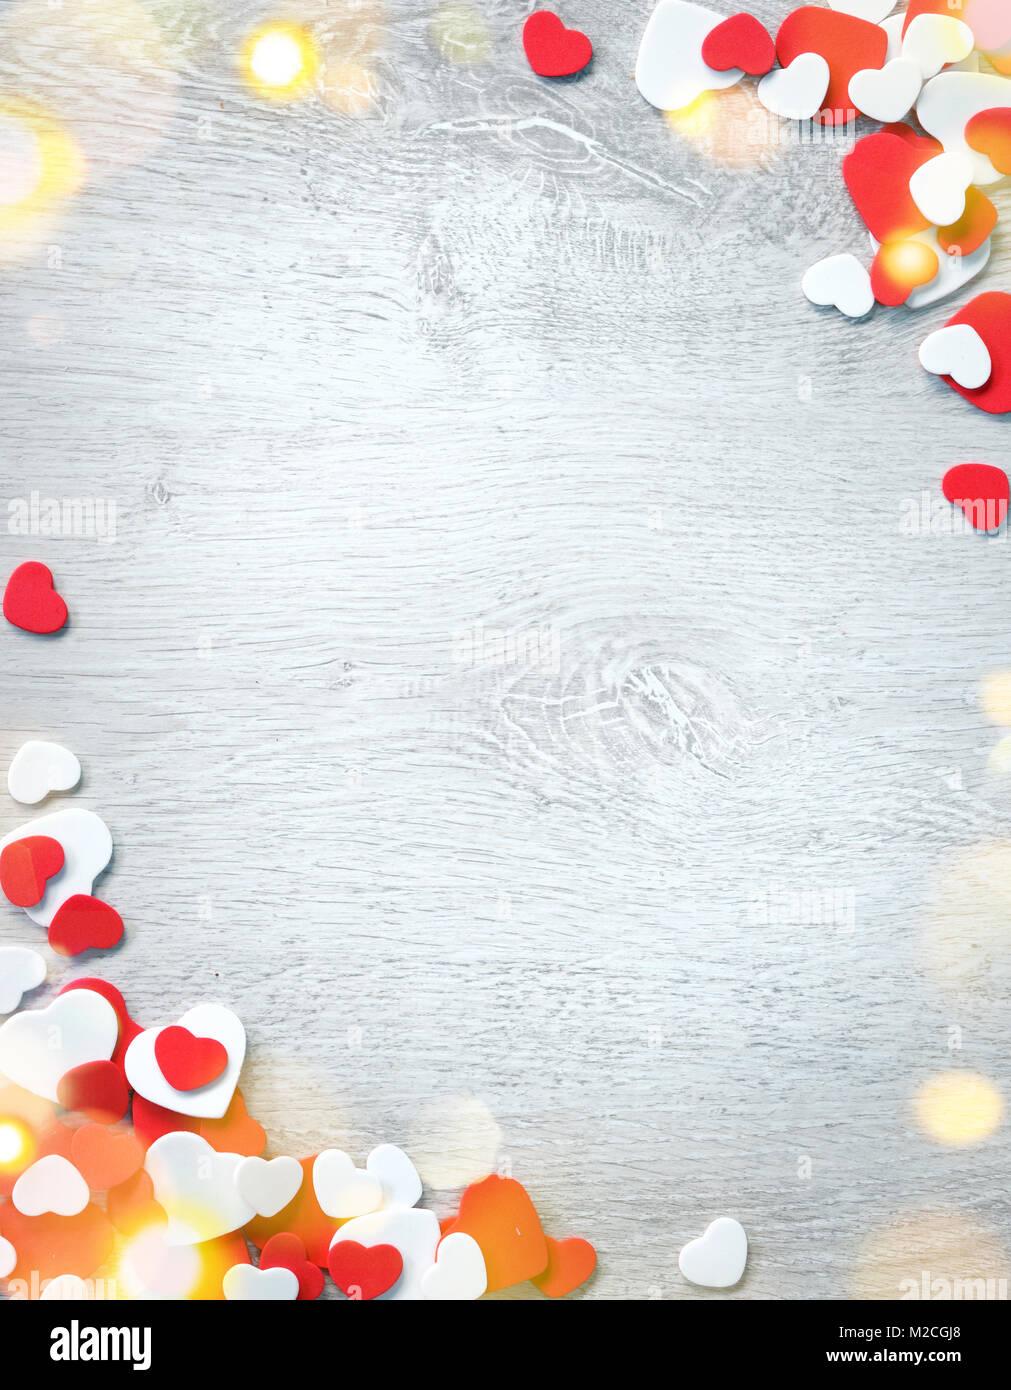 Bonito y romántico marco. Decorativos corazones en rojo y blanco de ...